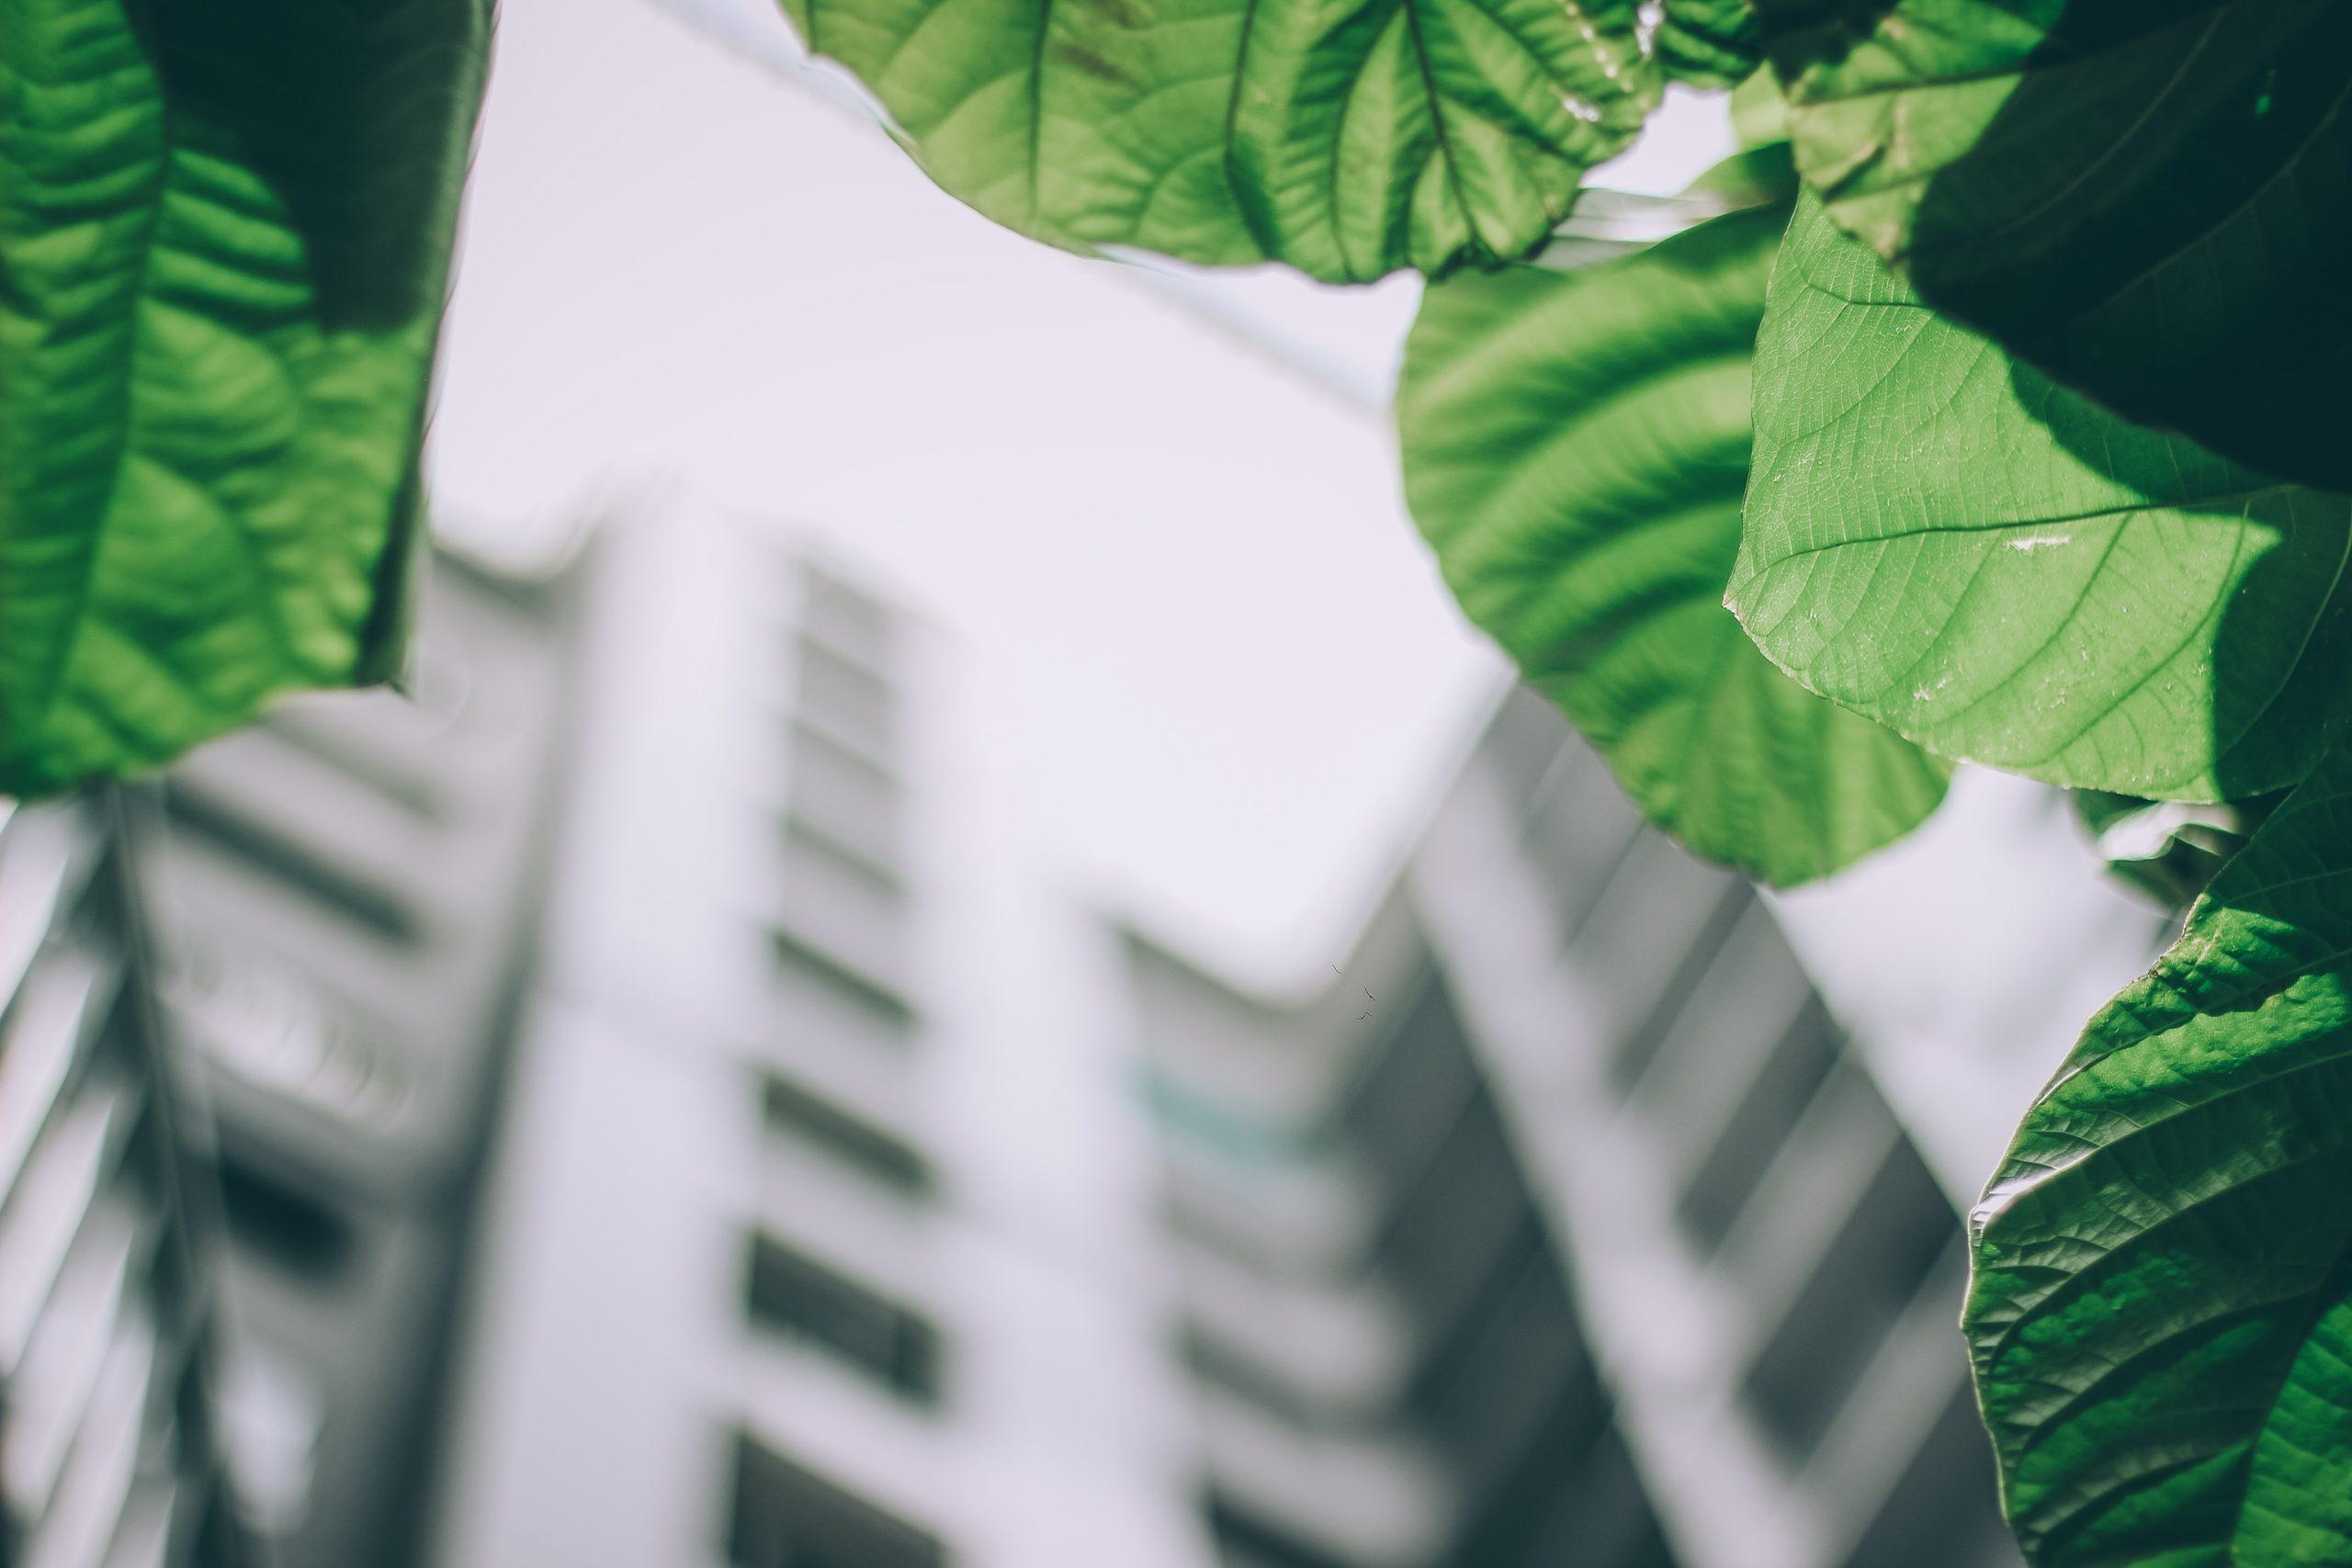 green building commercial landscape architecture